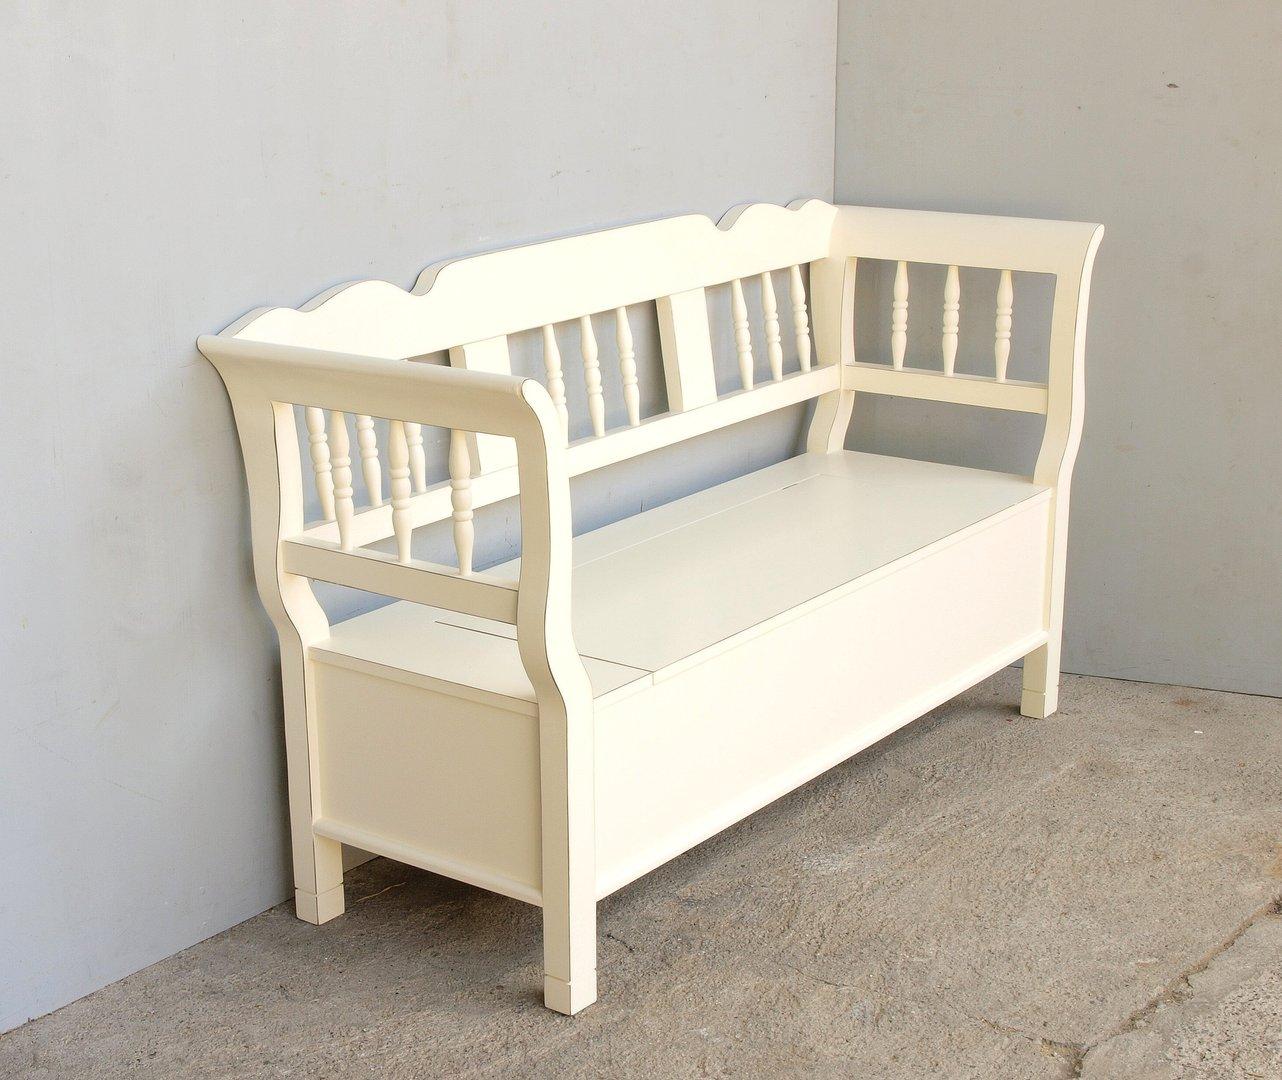 bauernb nke truhenb nke internetverkauf krb100w. Black Bedroom Furniture Sets. Home Design Ideas